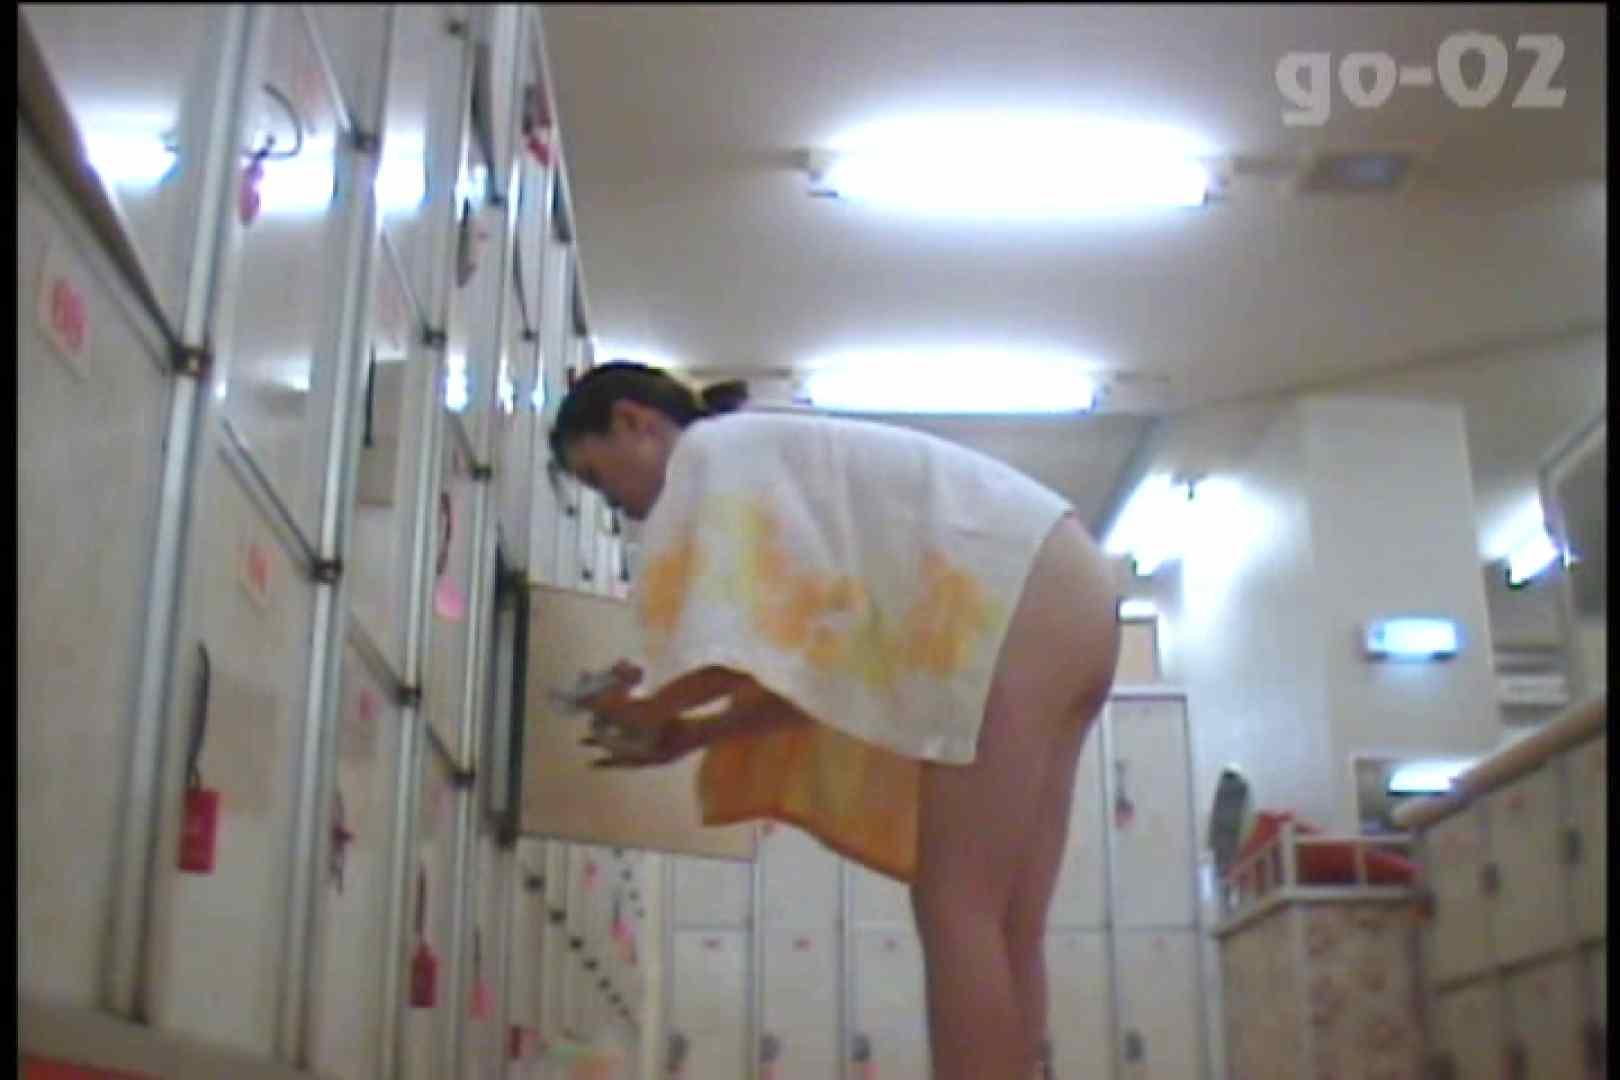 電波カメラ設置浴場からの防HAN映像 Vol.02 盗撮・必見 オメコ動画キャプチャ 75画像 16